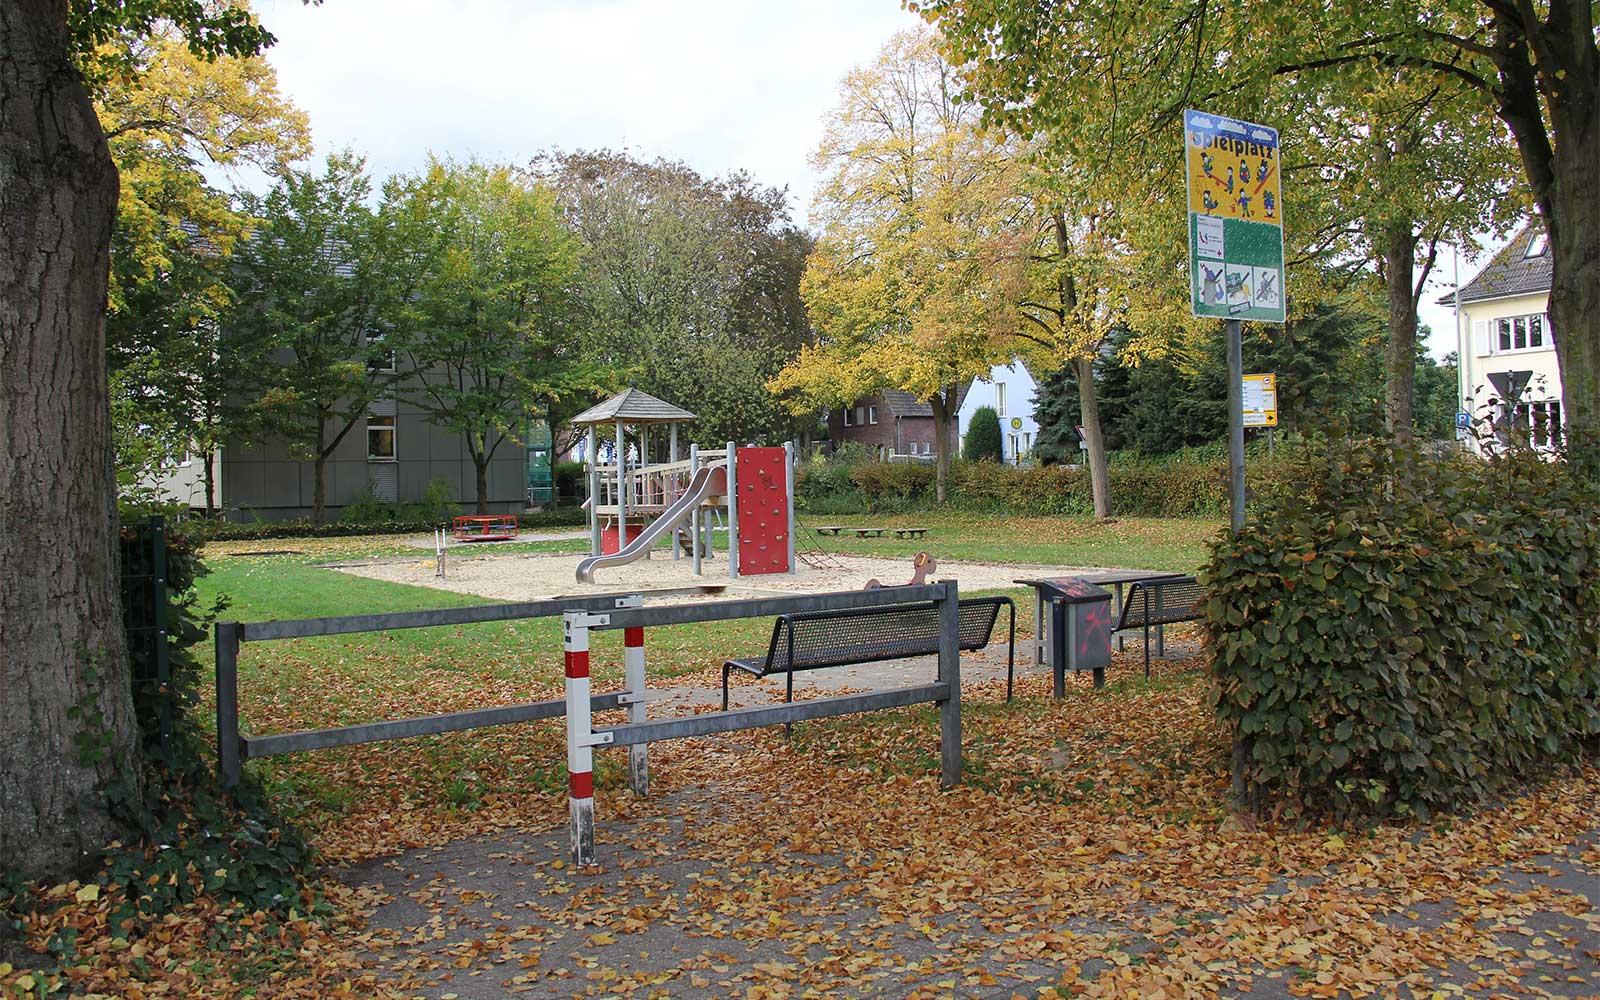 Zentrumsnahe Freizeitinfrastruktur/attraktiver öffentlicher Raum